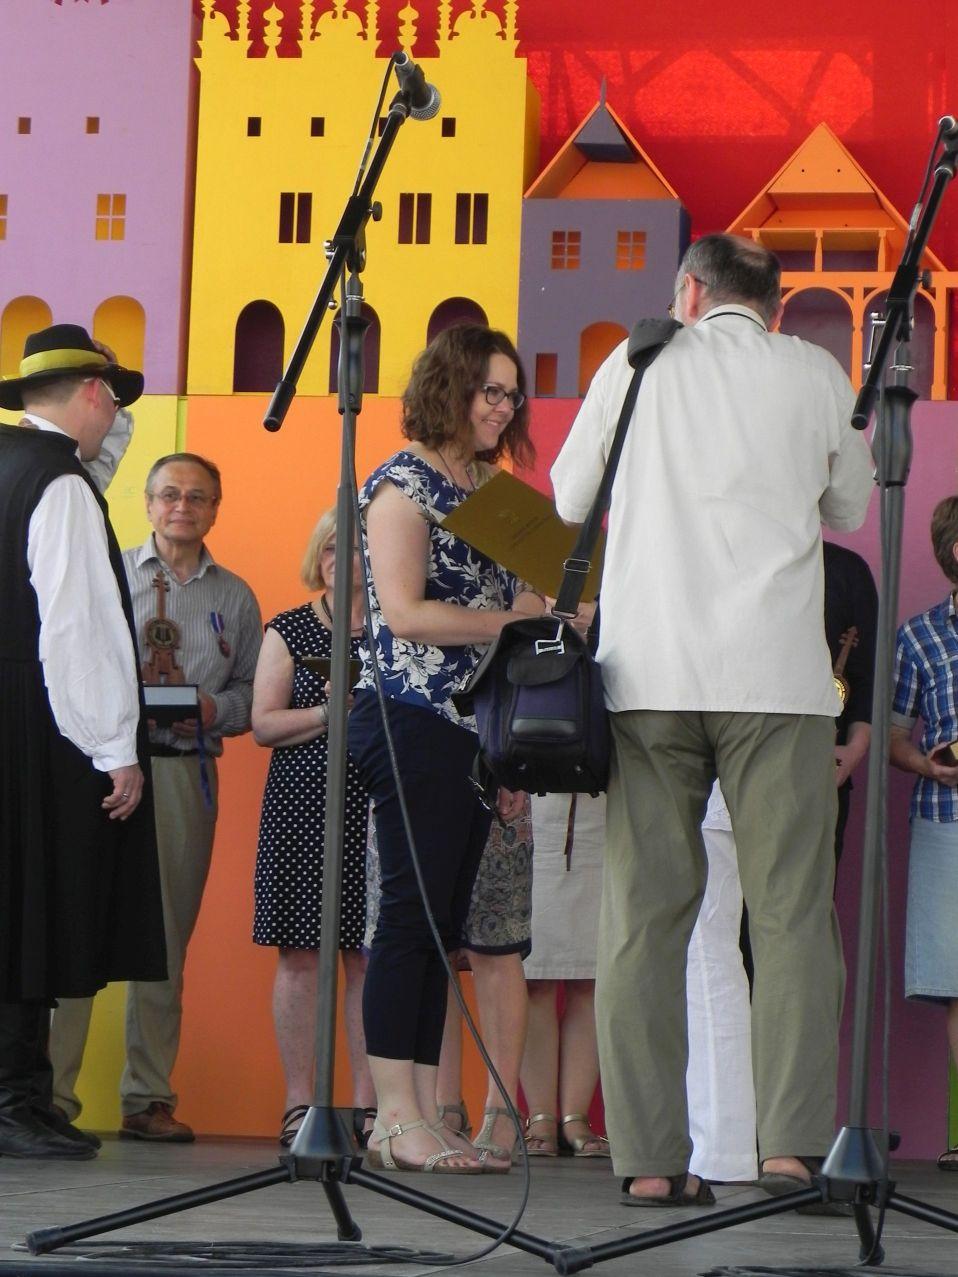 2016-06-26 Kazimierz Dolny - festiwal (152)